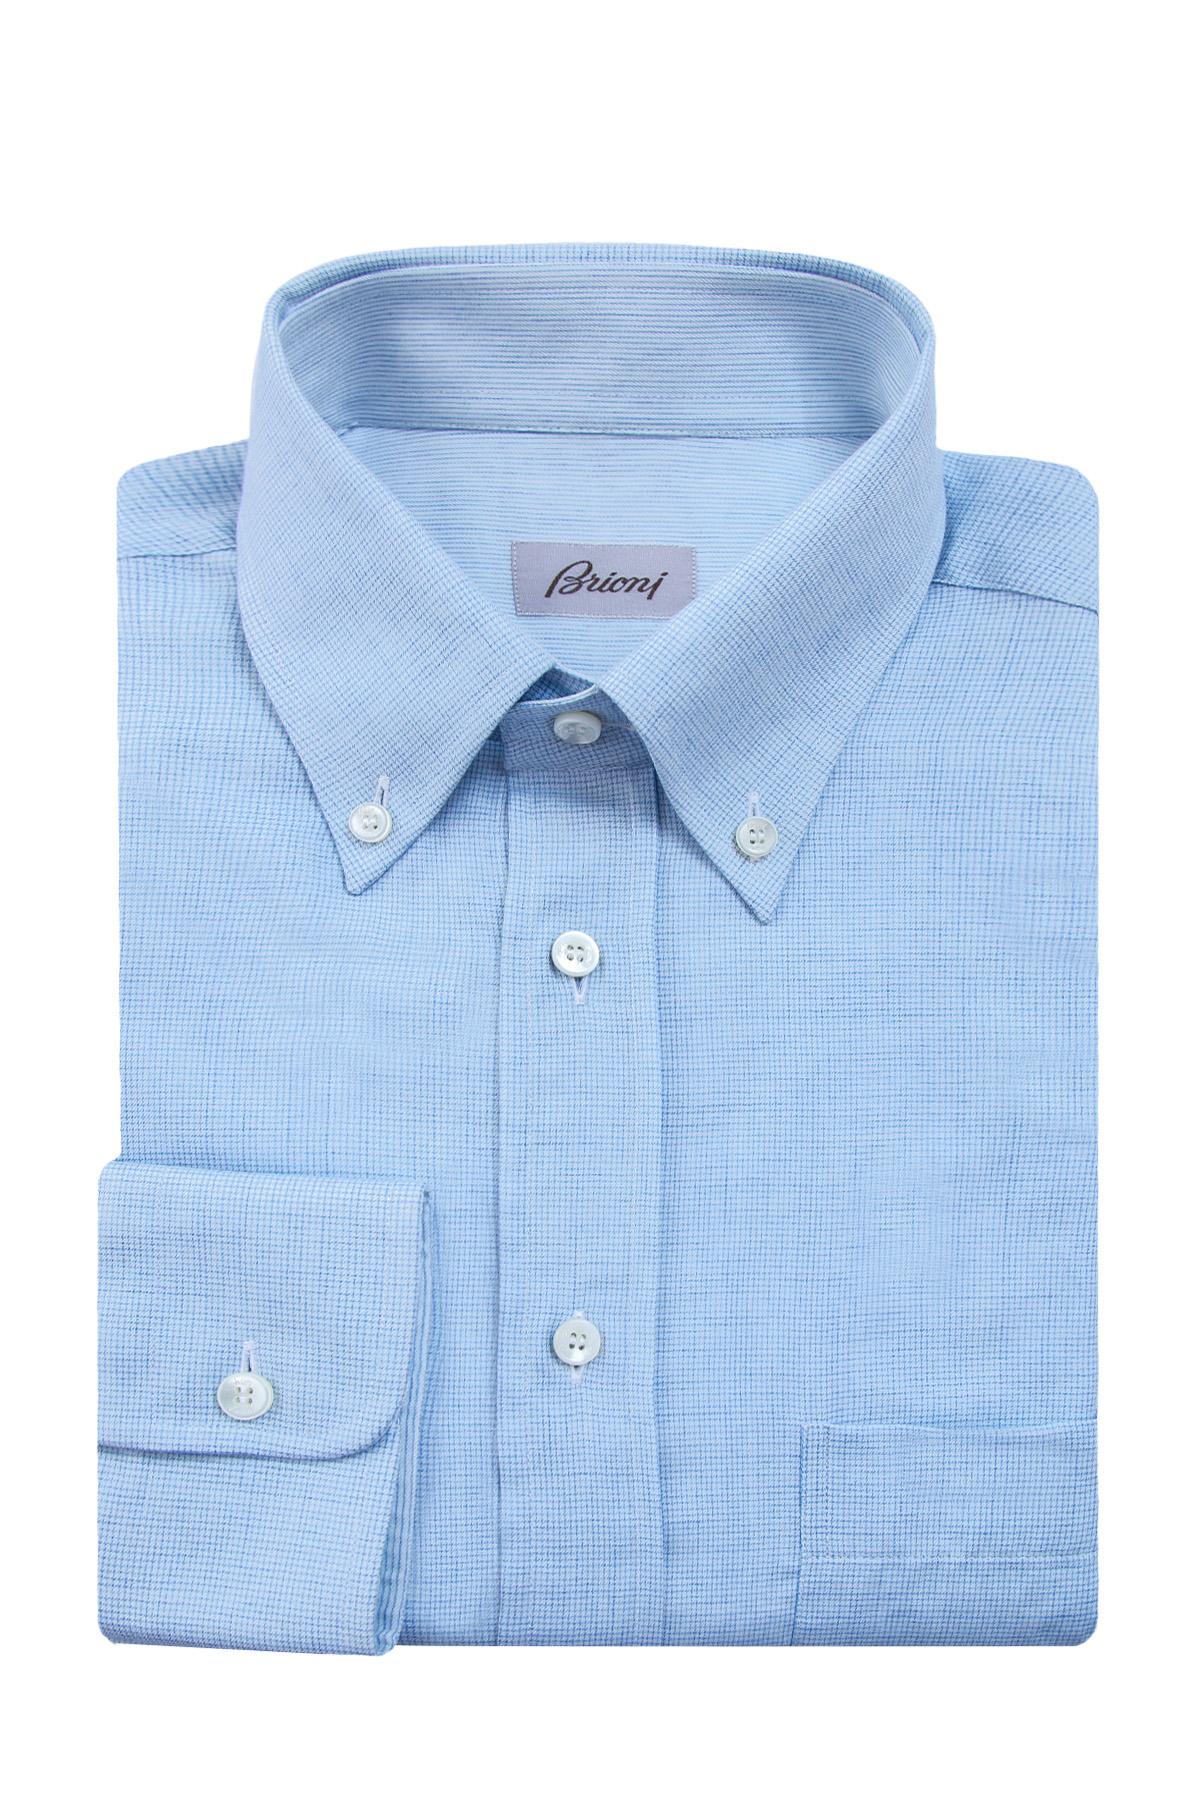 Купить Рубашка, BRIONI, Италия, 85% хлопок, 15% кашемир